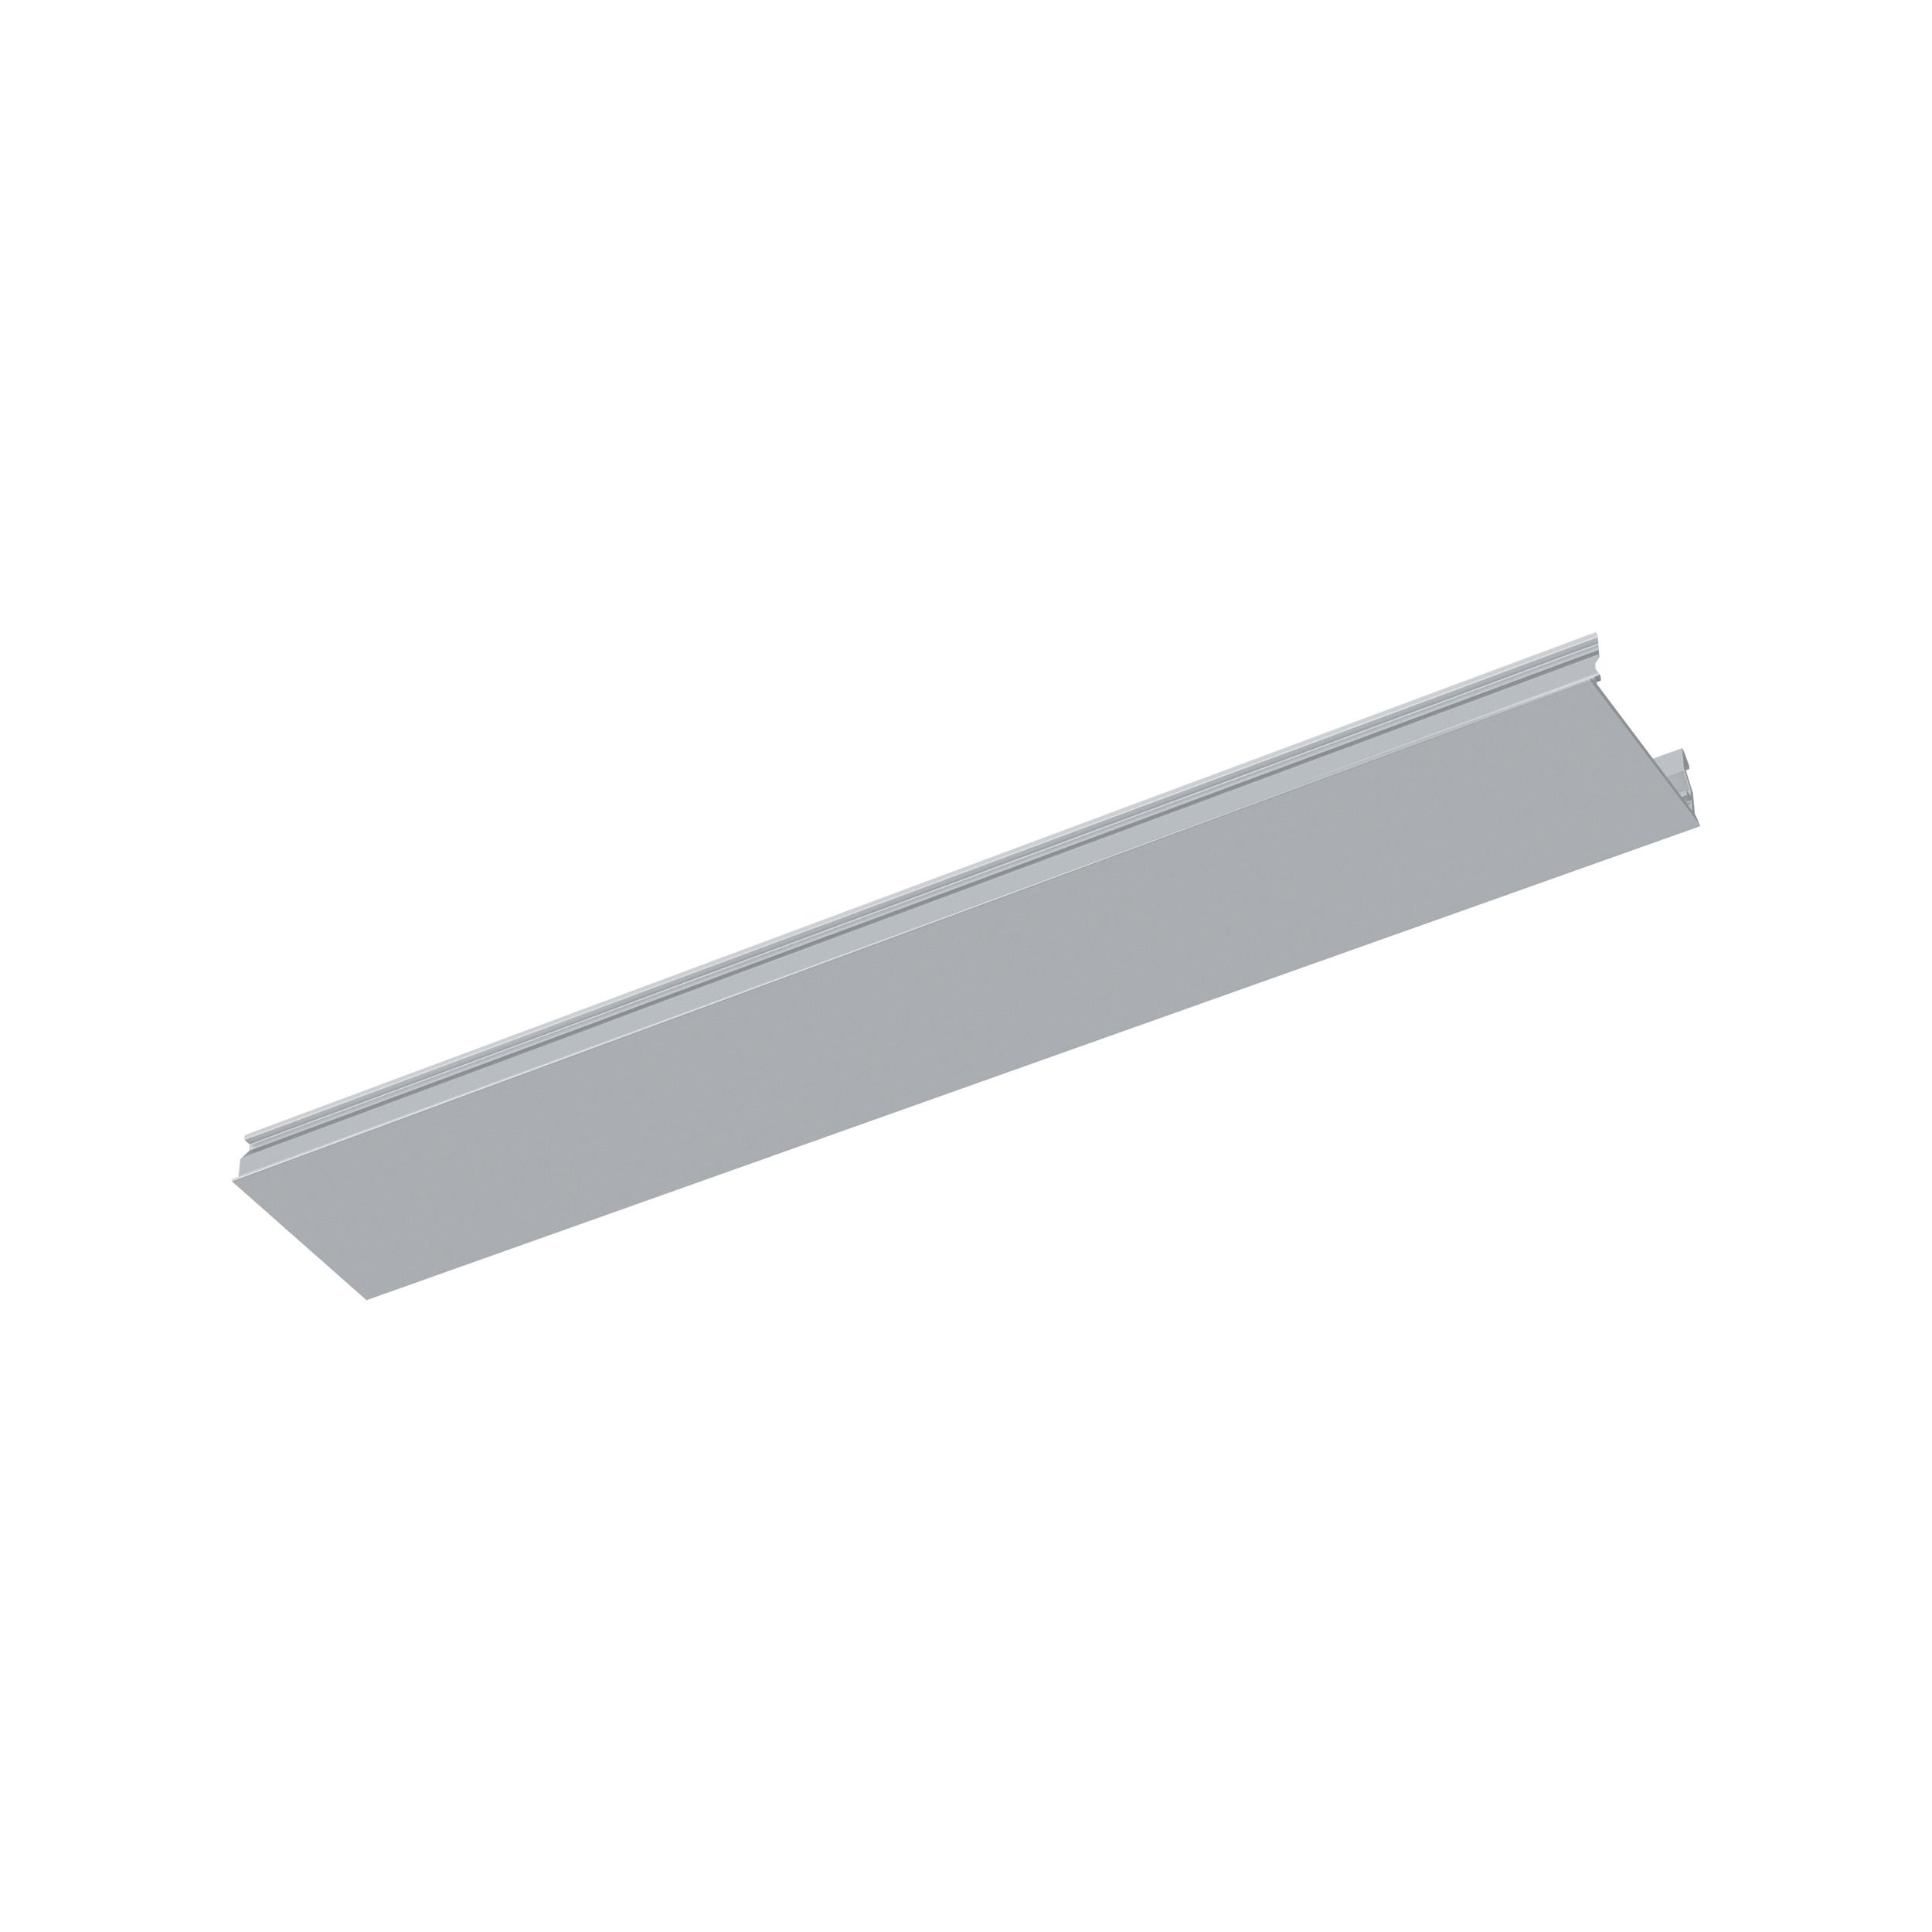 1 Stk Abdeckung Aluminium eloxiert, L-1995mm LI65344---